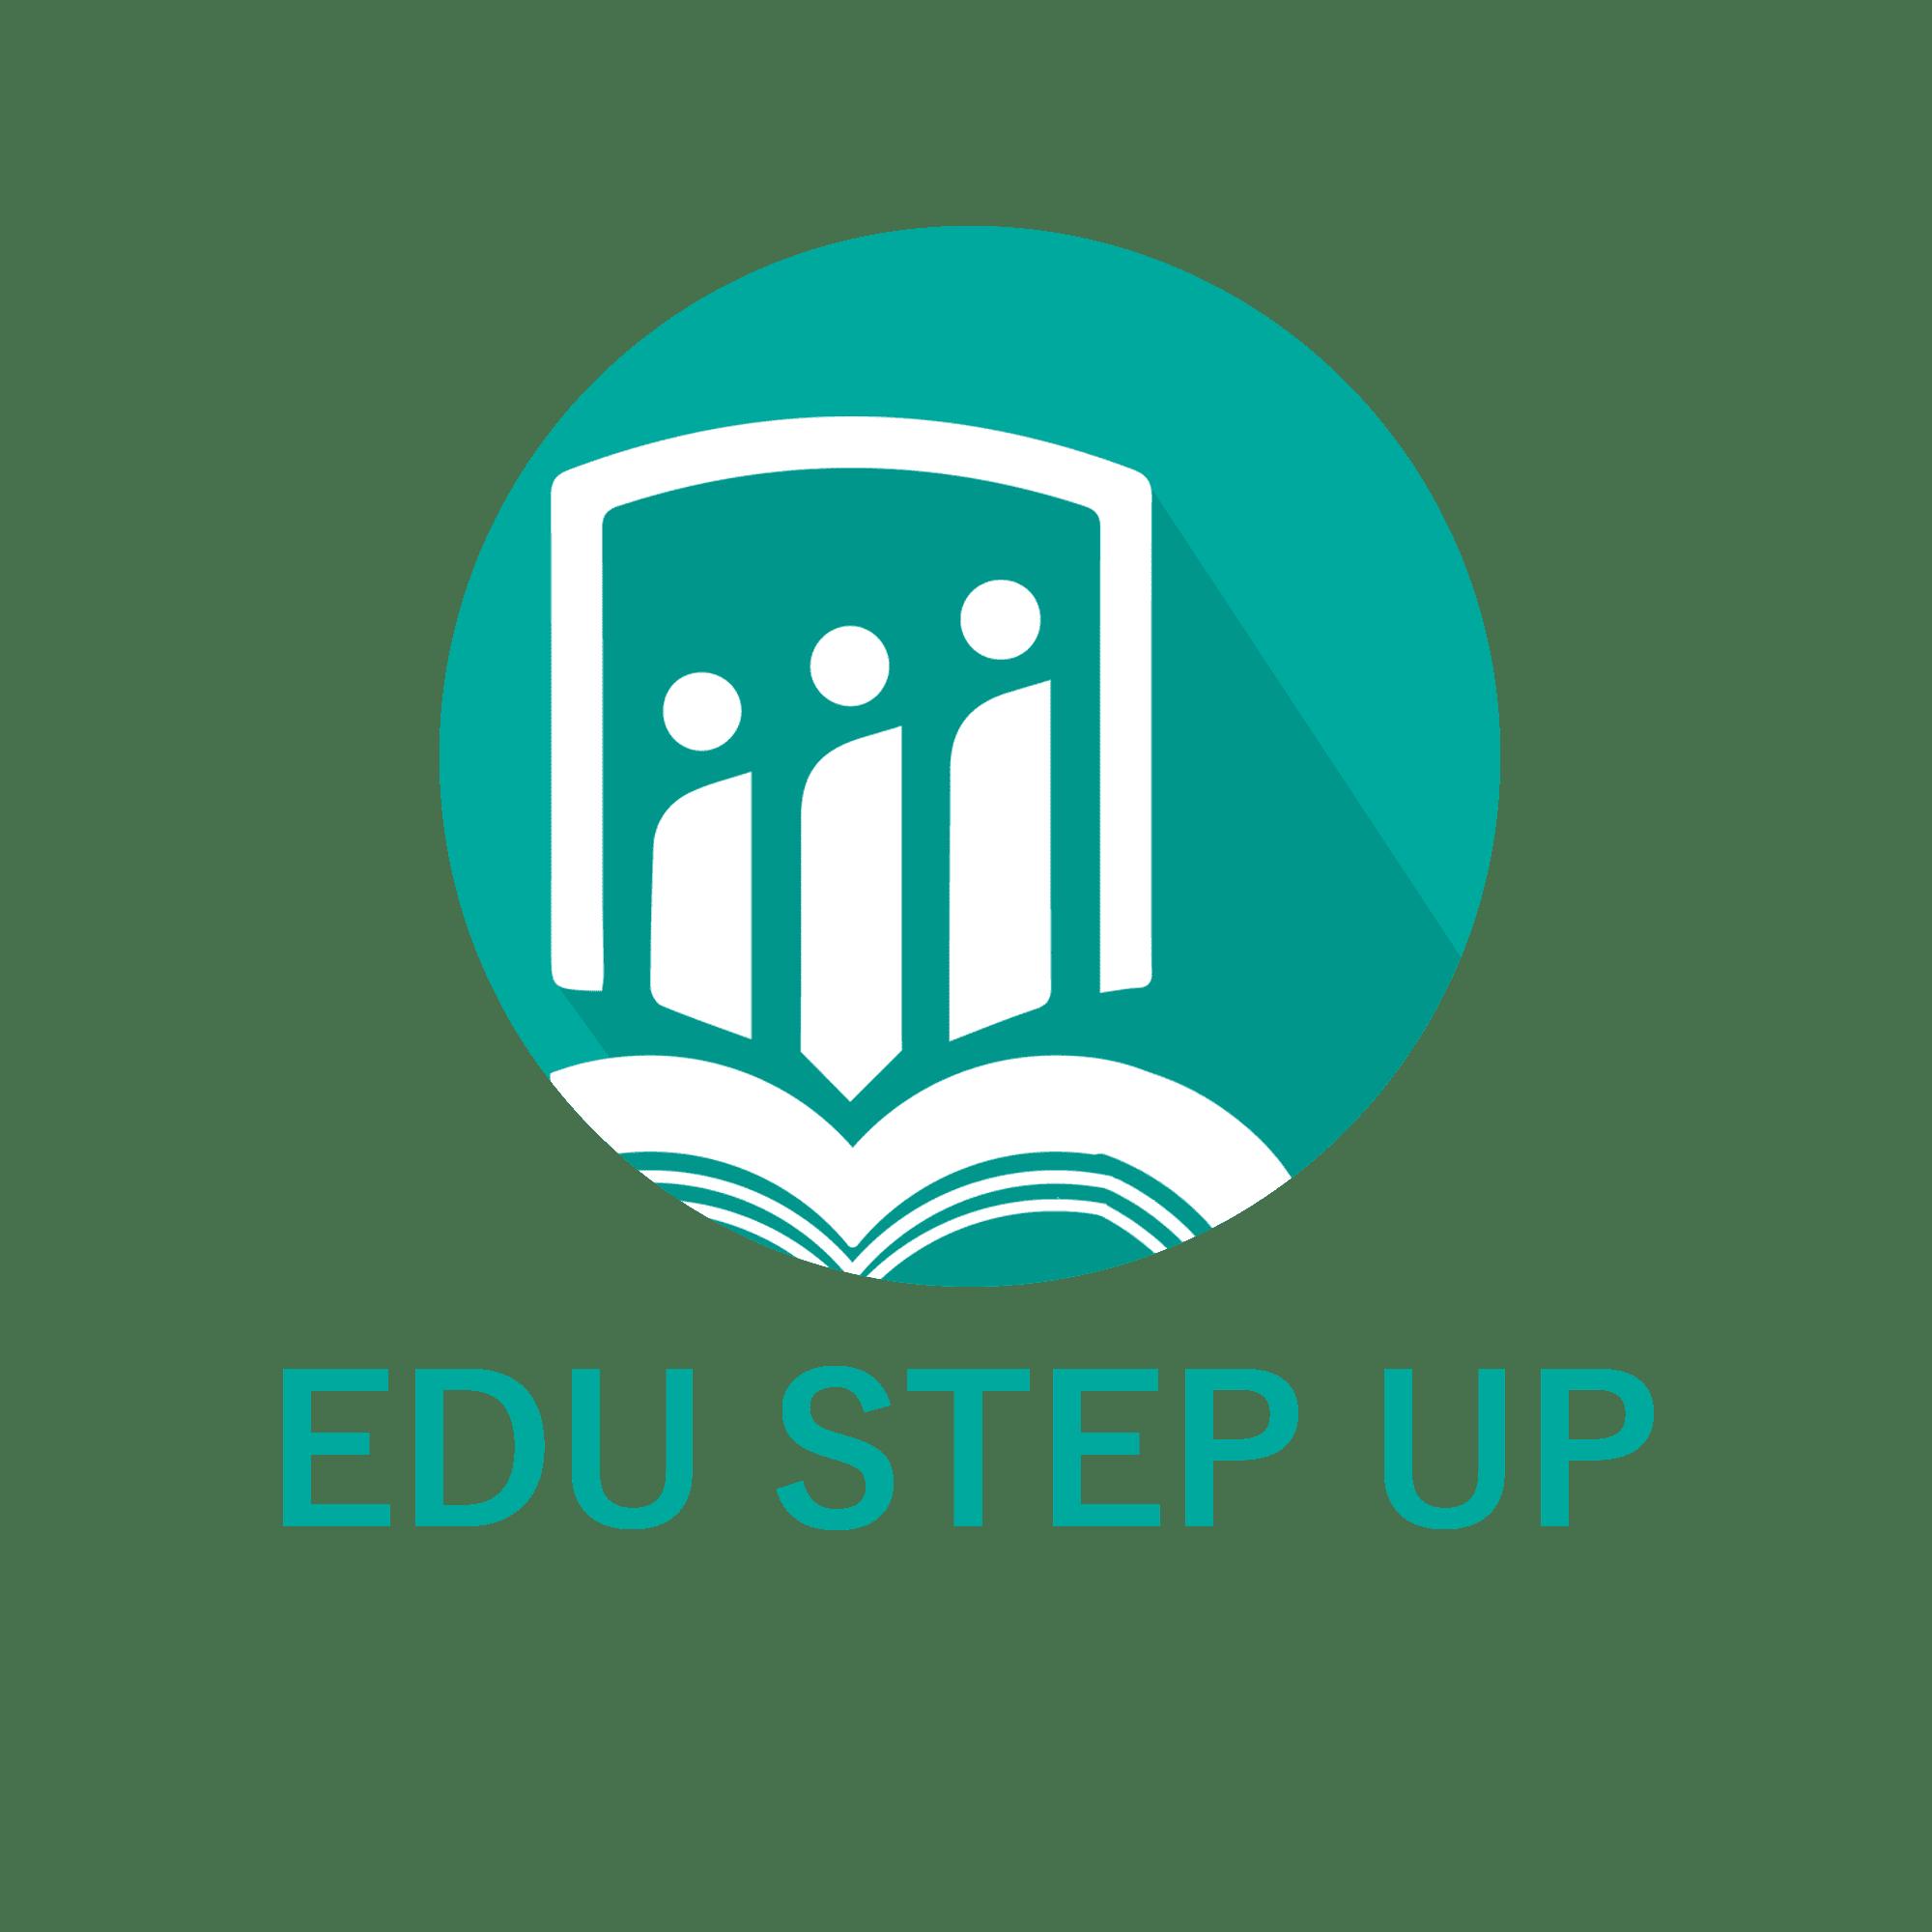 برنامج إدارة المدارس Edu Step Up